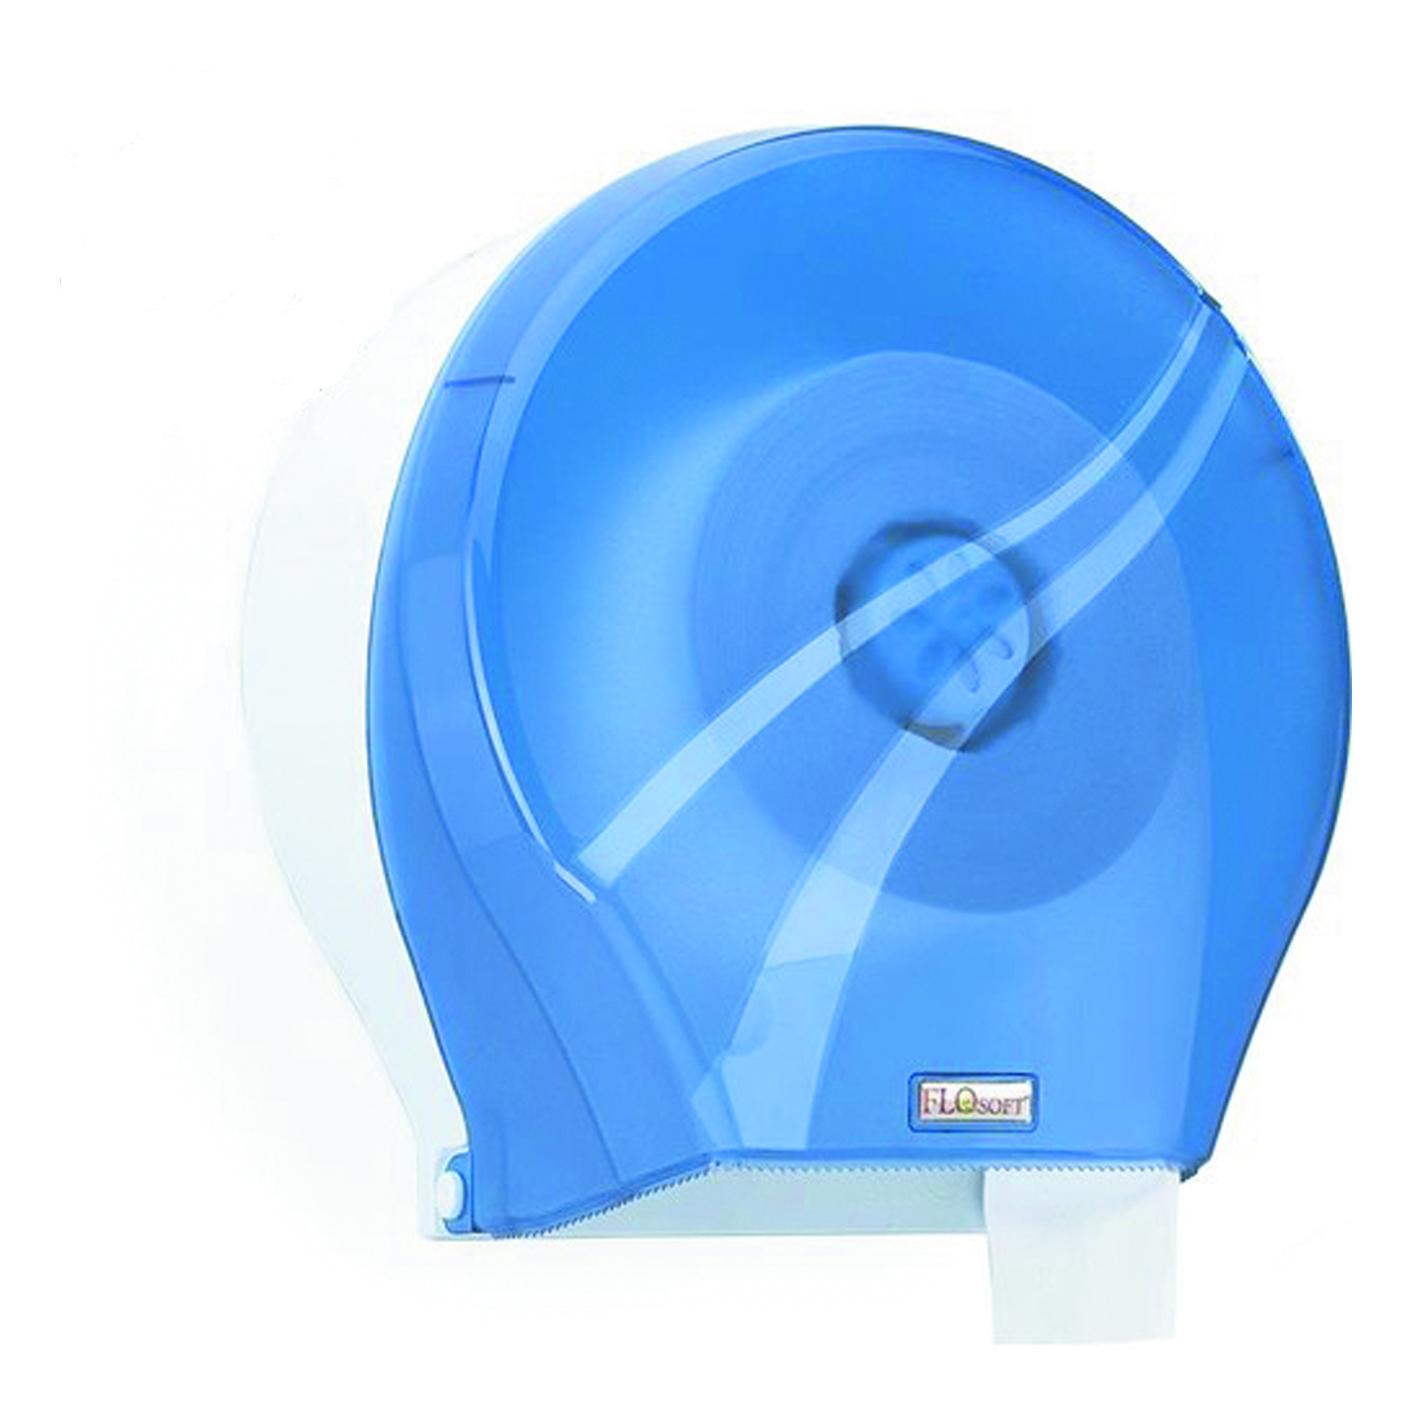 Flosoft Jumbo Wc Kağıt Verici Mavi